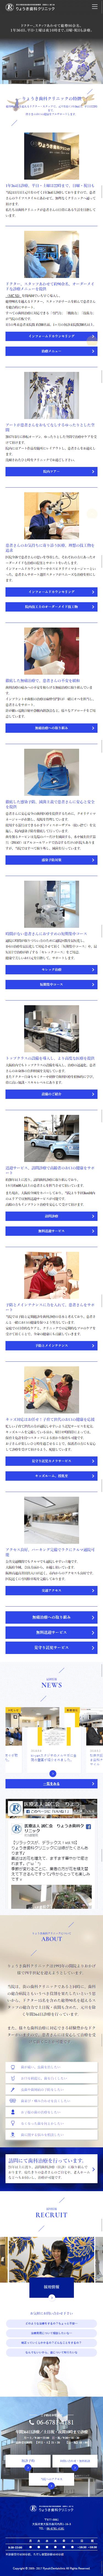 東大阪市 りょうき歯科クリニック様 ホームページ制作3